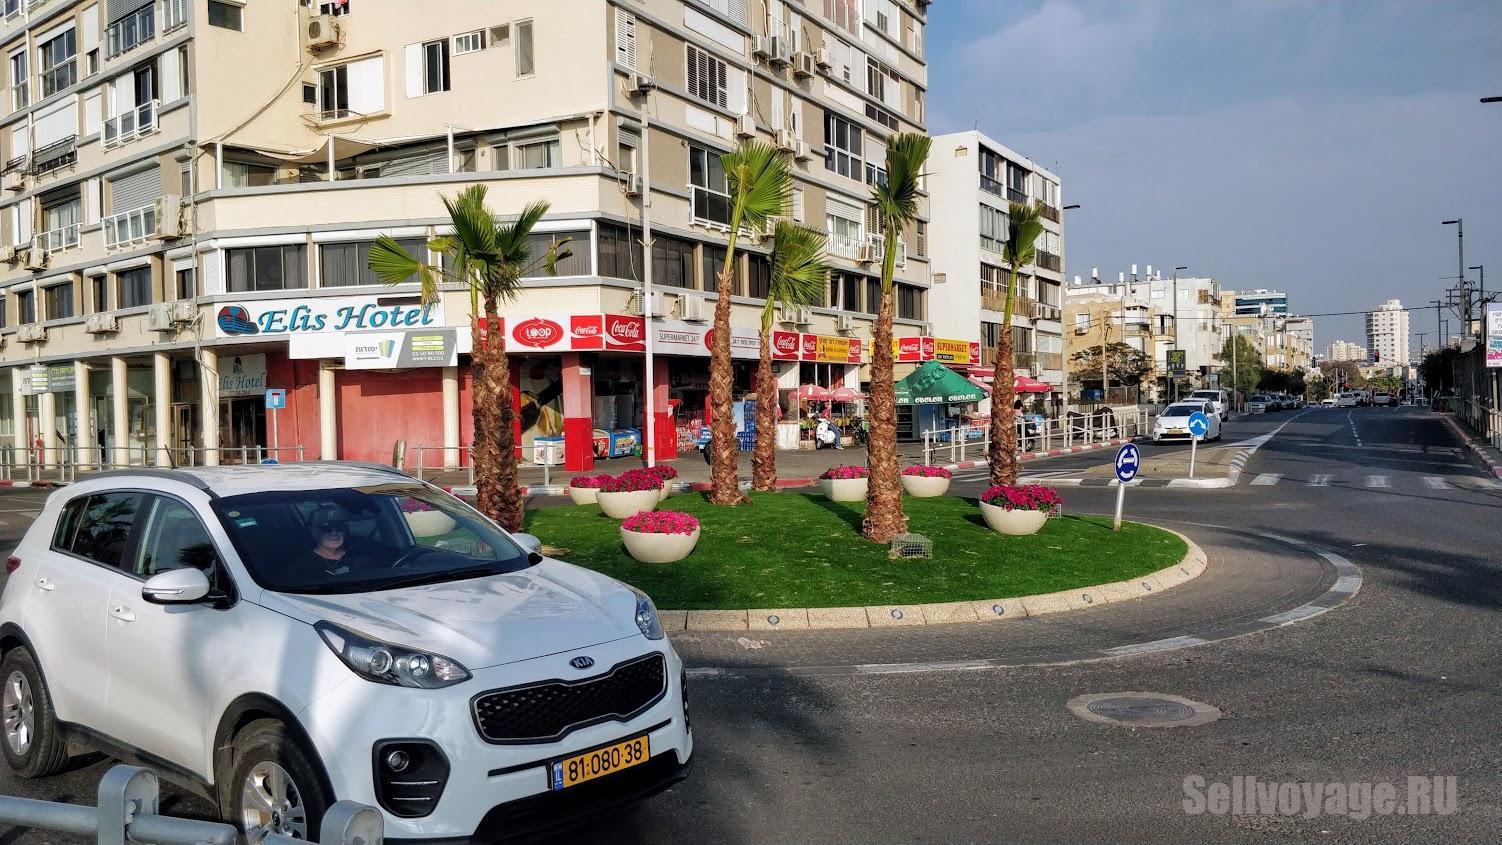 На арендованном в Израиле автомобиле по набережной Бат-Яма